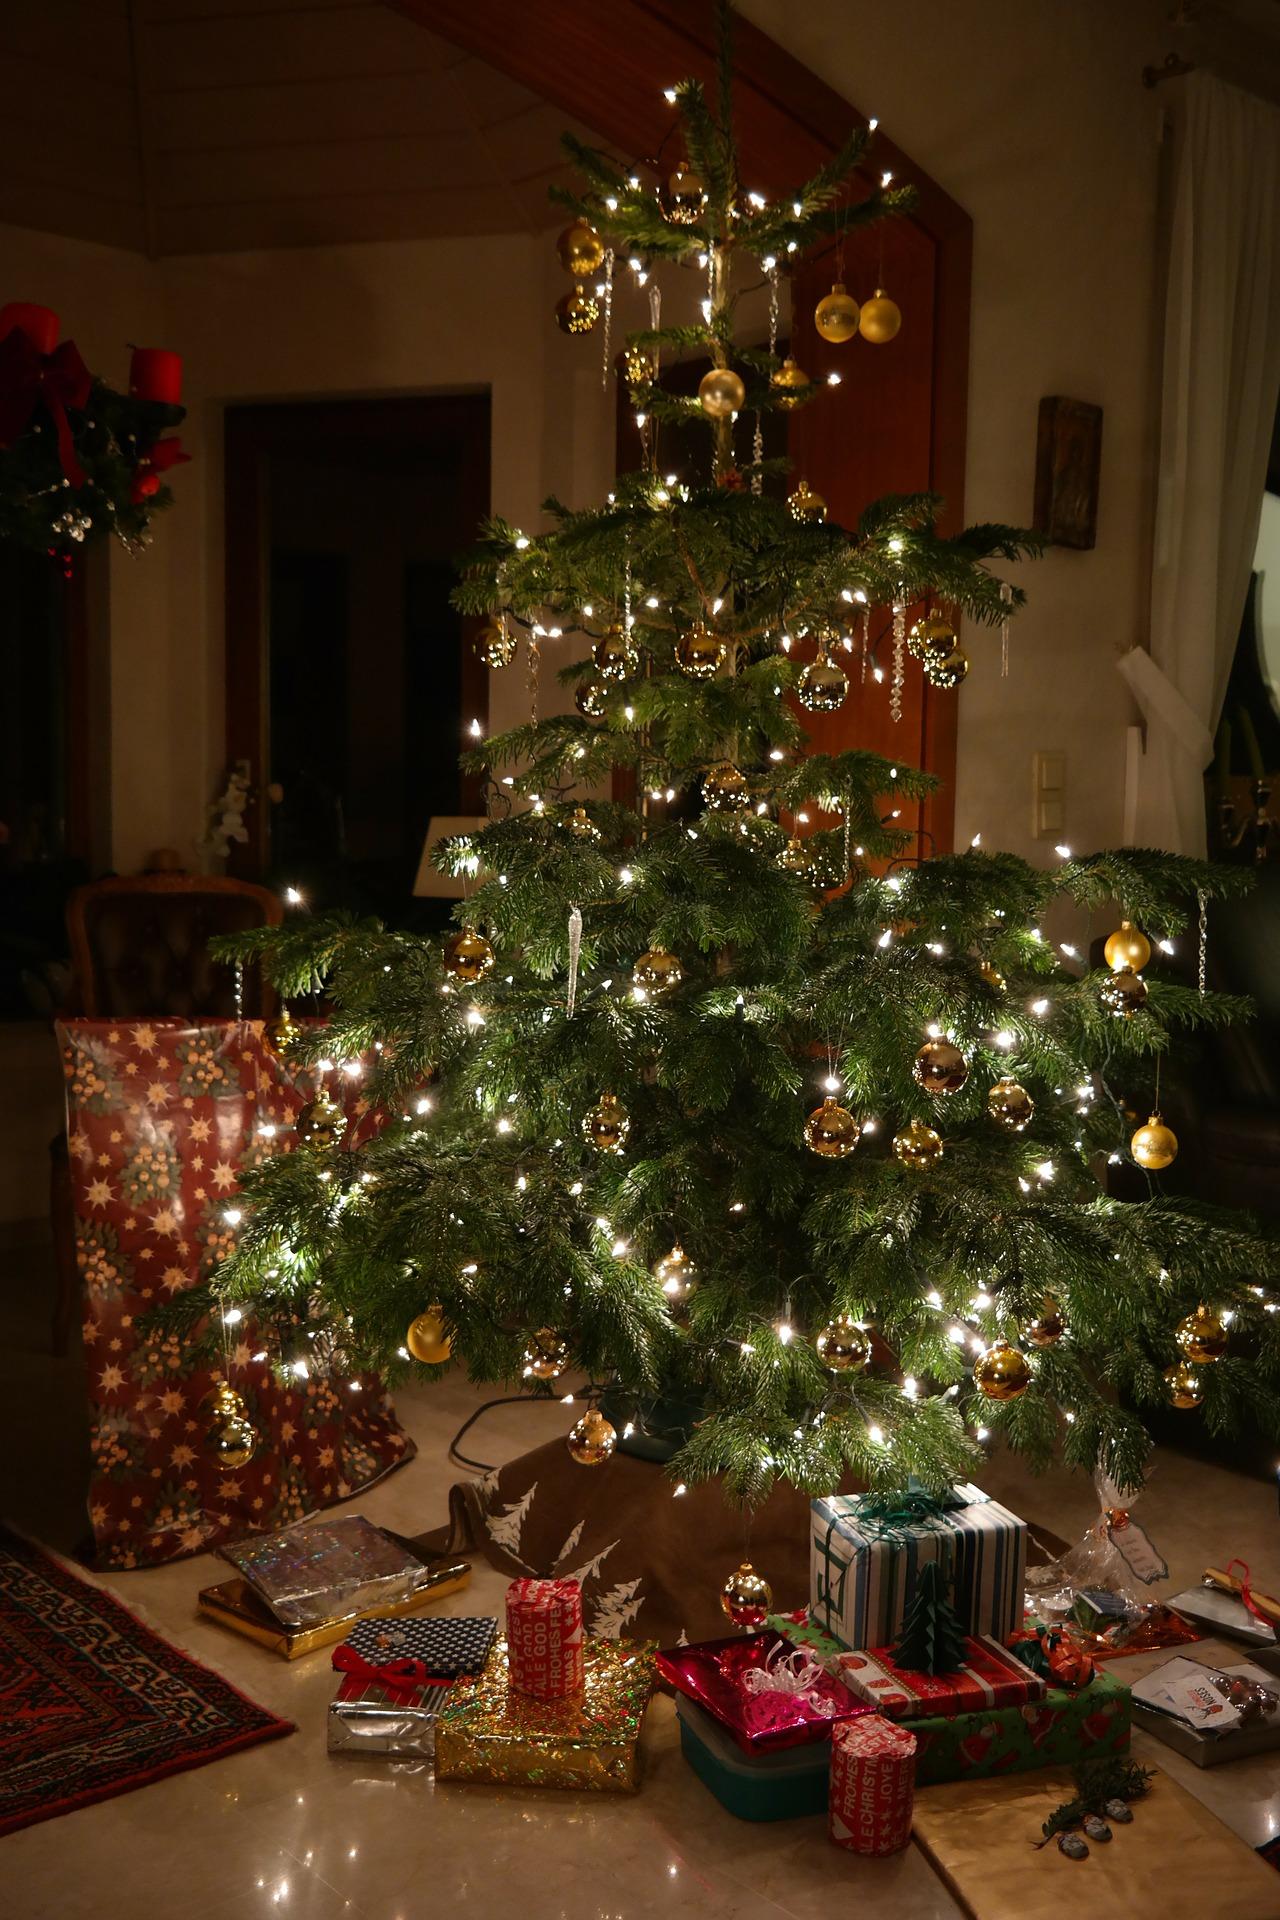 Interieur Ideeen Voor Kerst.Woning Voordeel Kerst Interieur Ideeen Woning Voordeel